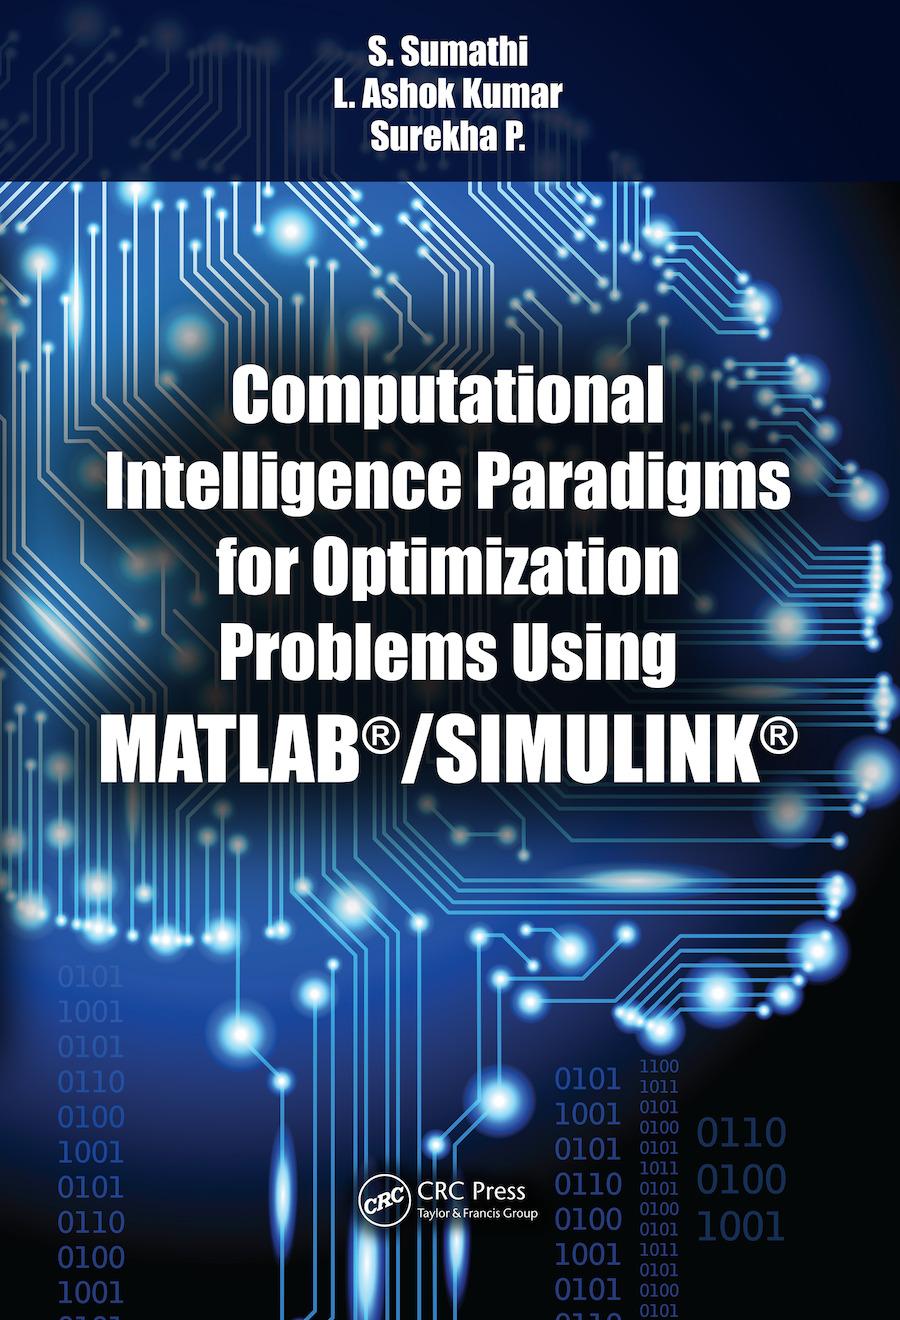 Computational Intelligence Paradigms for Optimization Problems Using